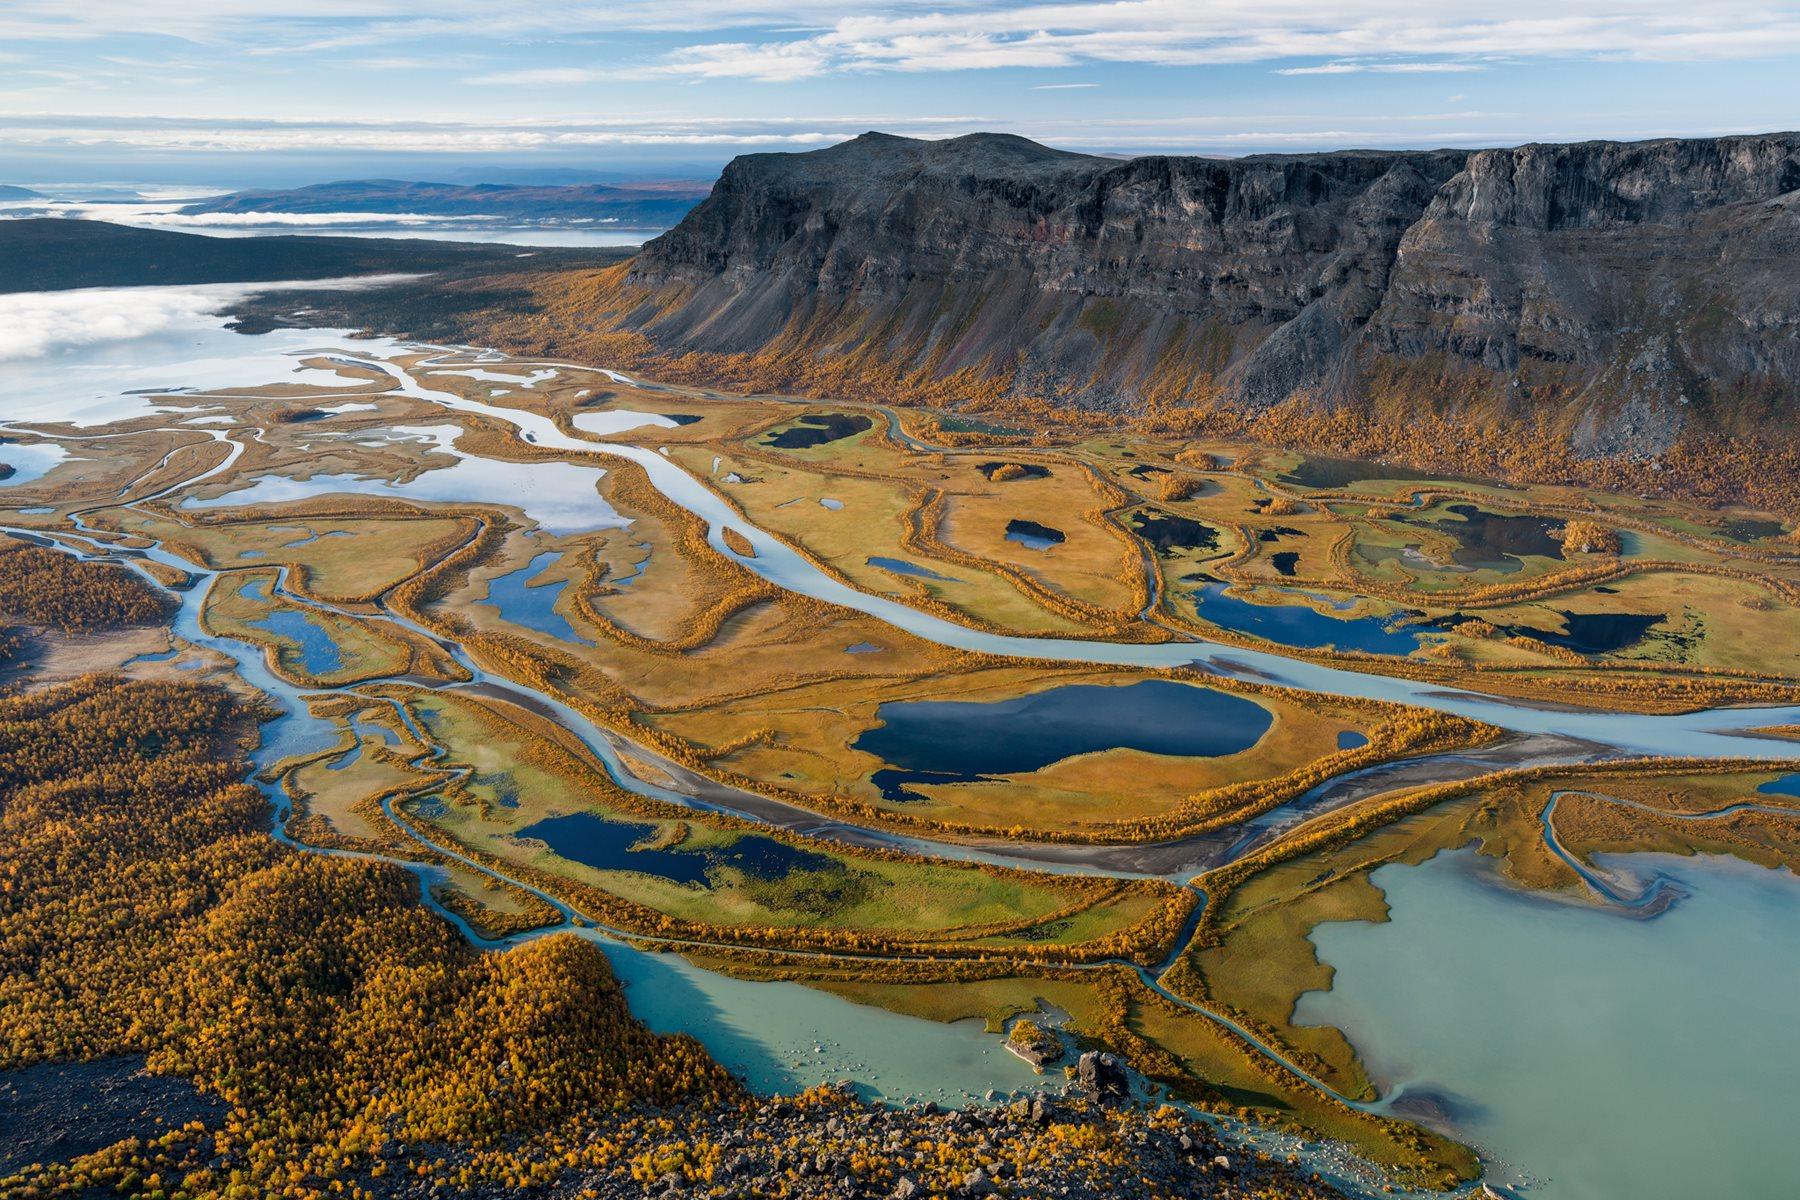 Los cursos de agua entrelazados del río Rapa